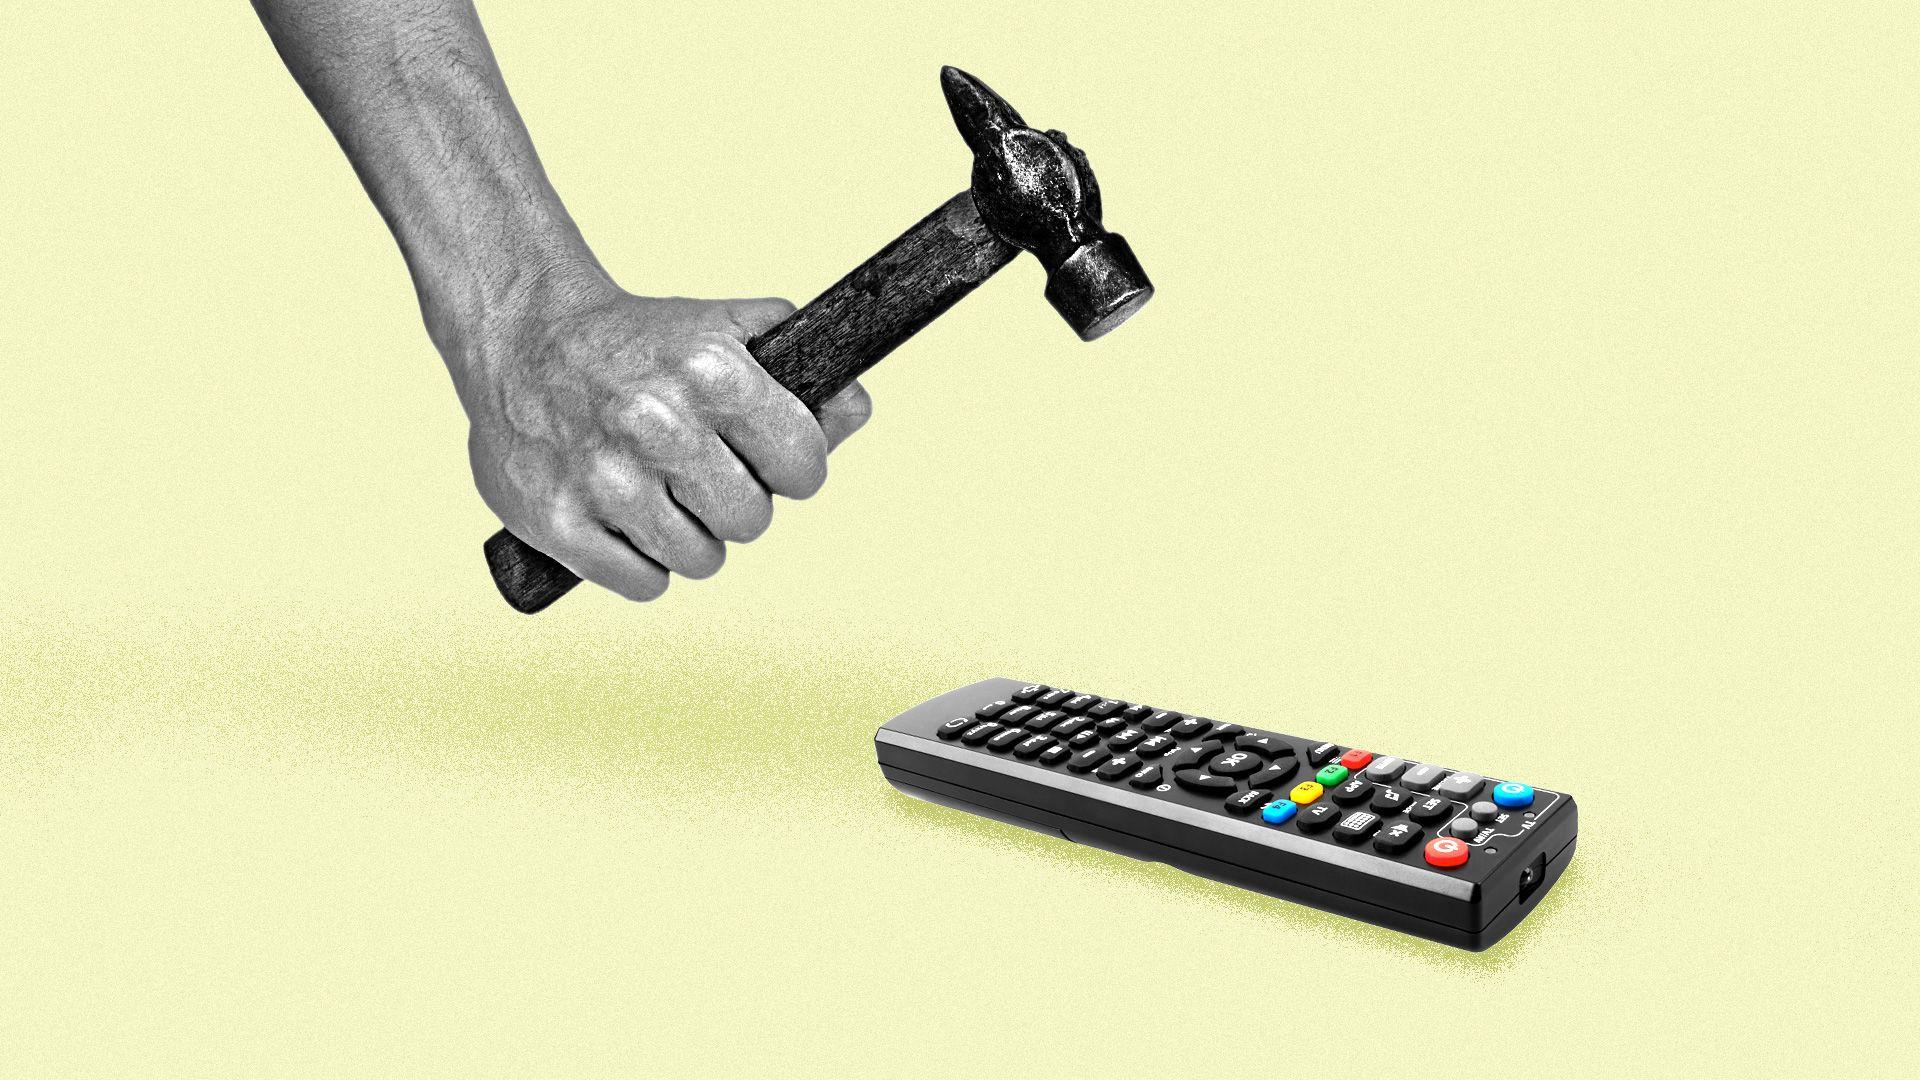 axios.com - Streaming's cancel culture problem